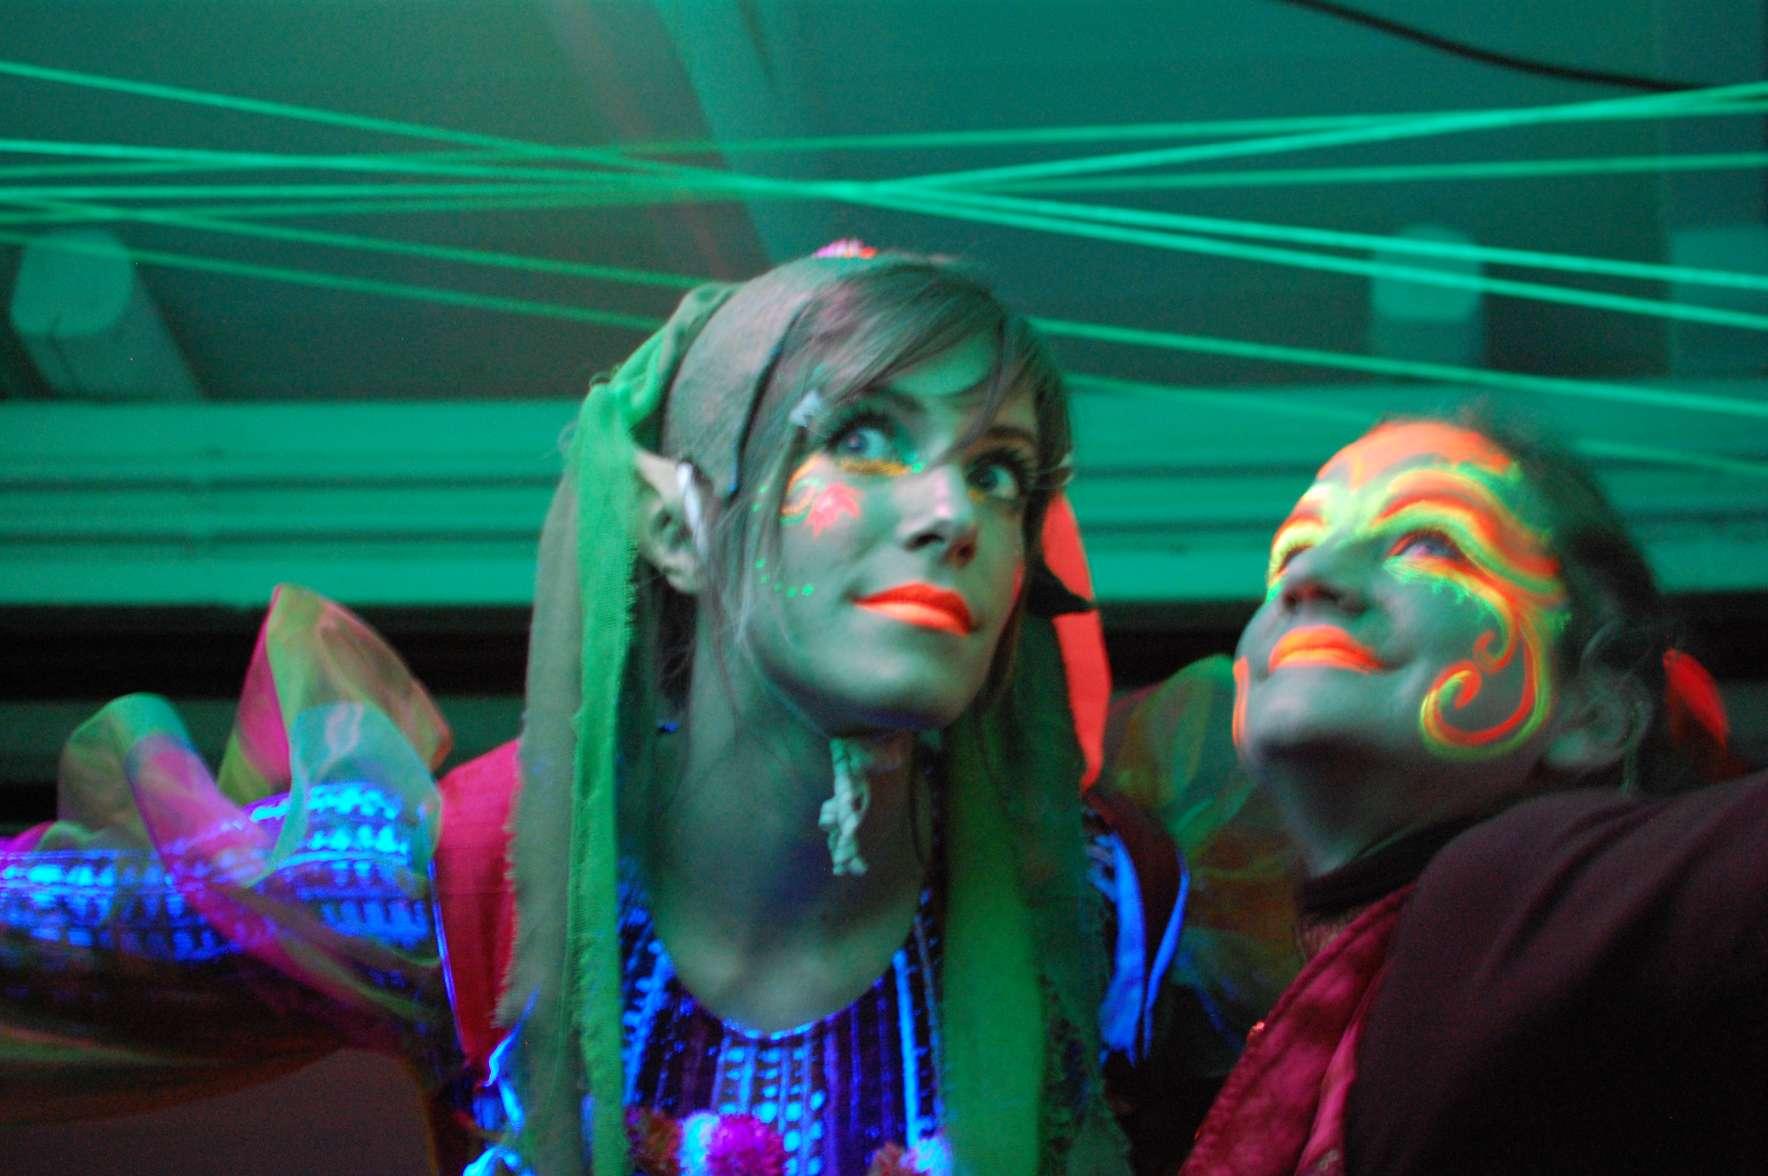 """Δύο κοπέλες """"ξωτικά"""" φωσφορίζουν με ειδικό μακιγιάζ σε αποκριάτικη εκδήλωση"""